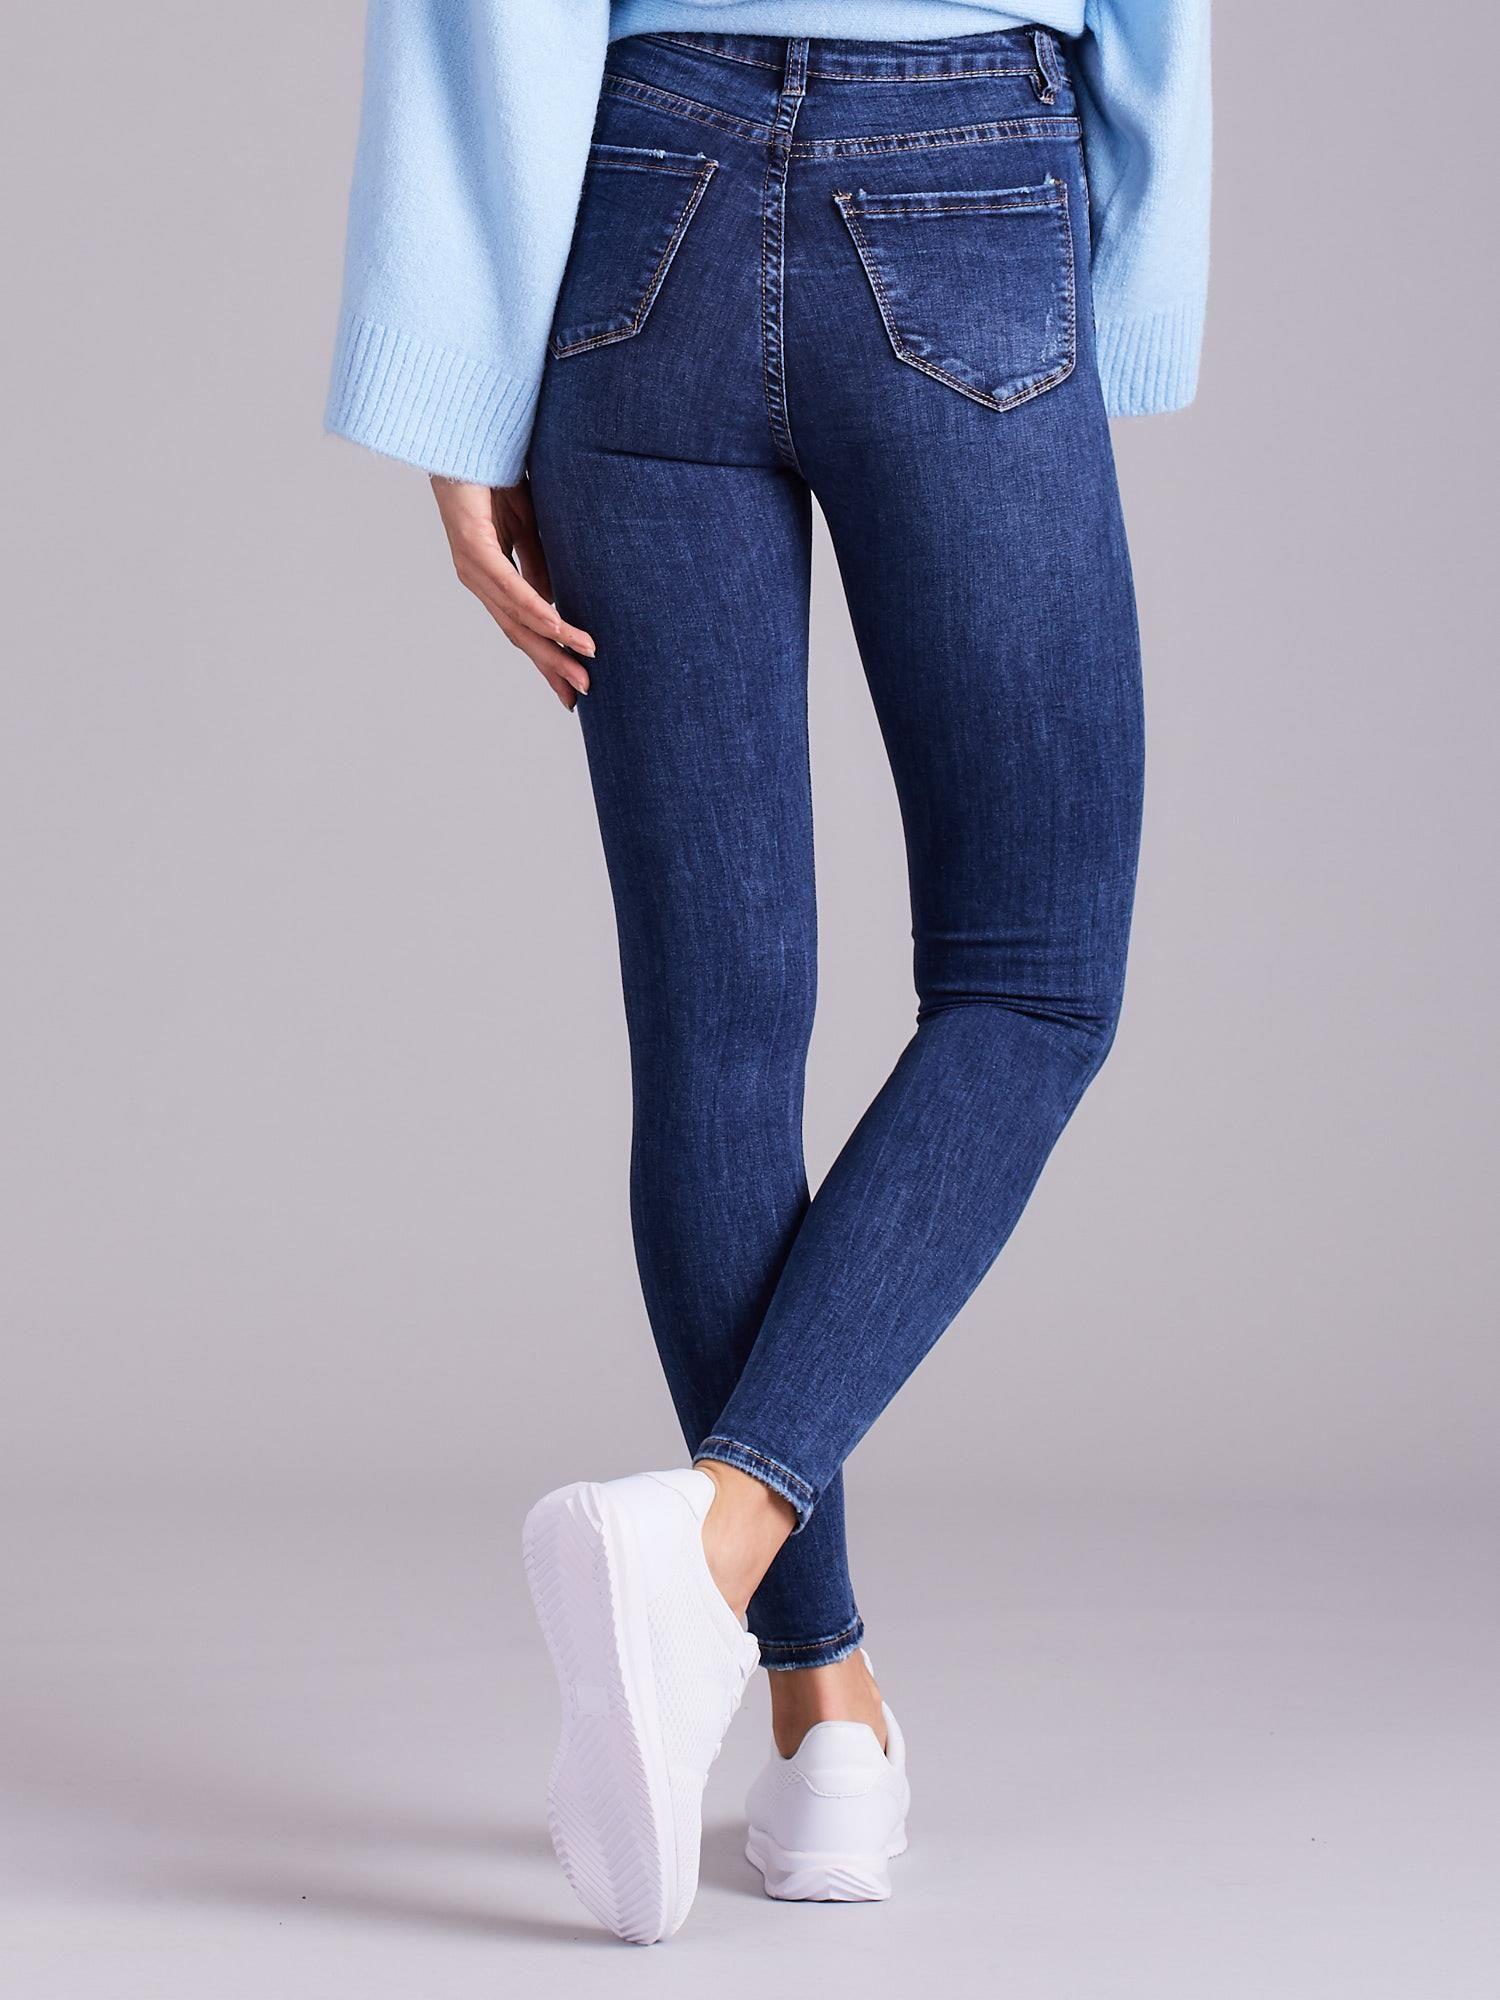 edb426cc63 Niebieskie jeansy damskie z wysokim stanem - Spodnie jeansowe ...